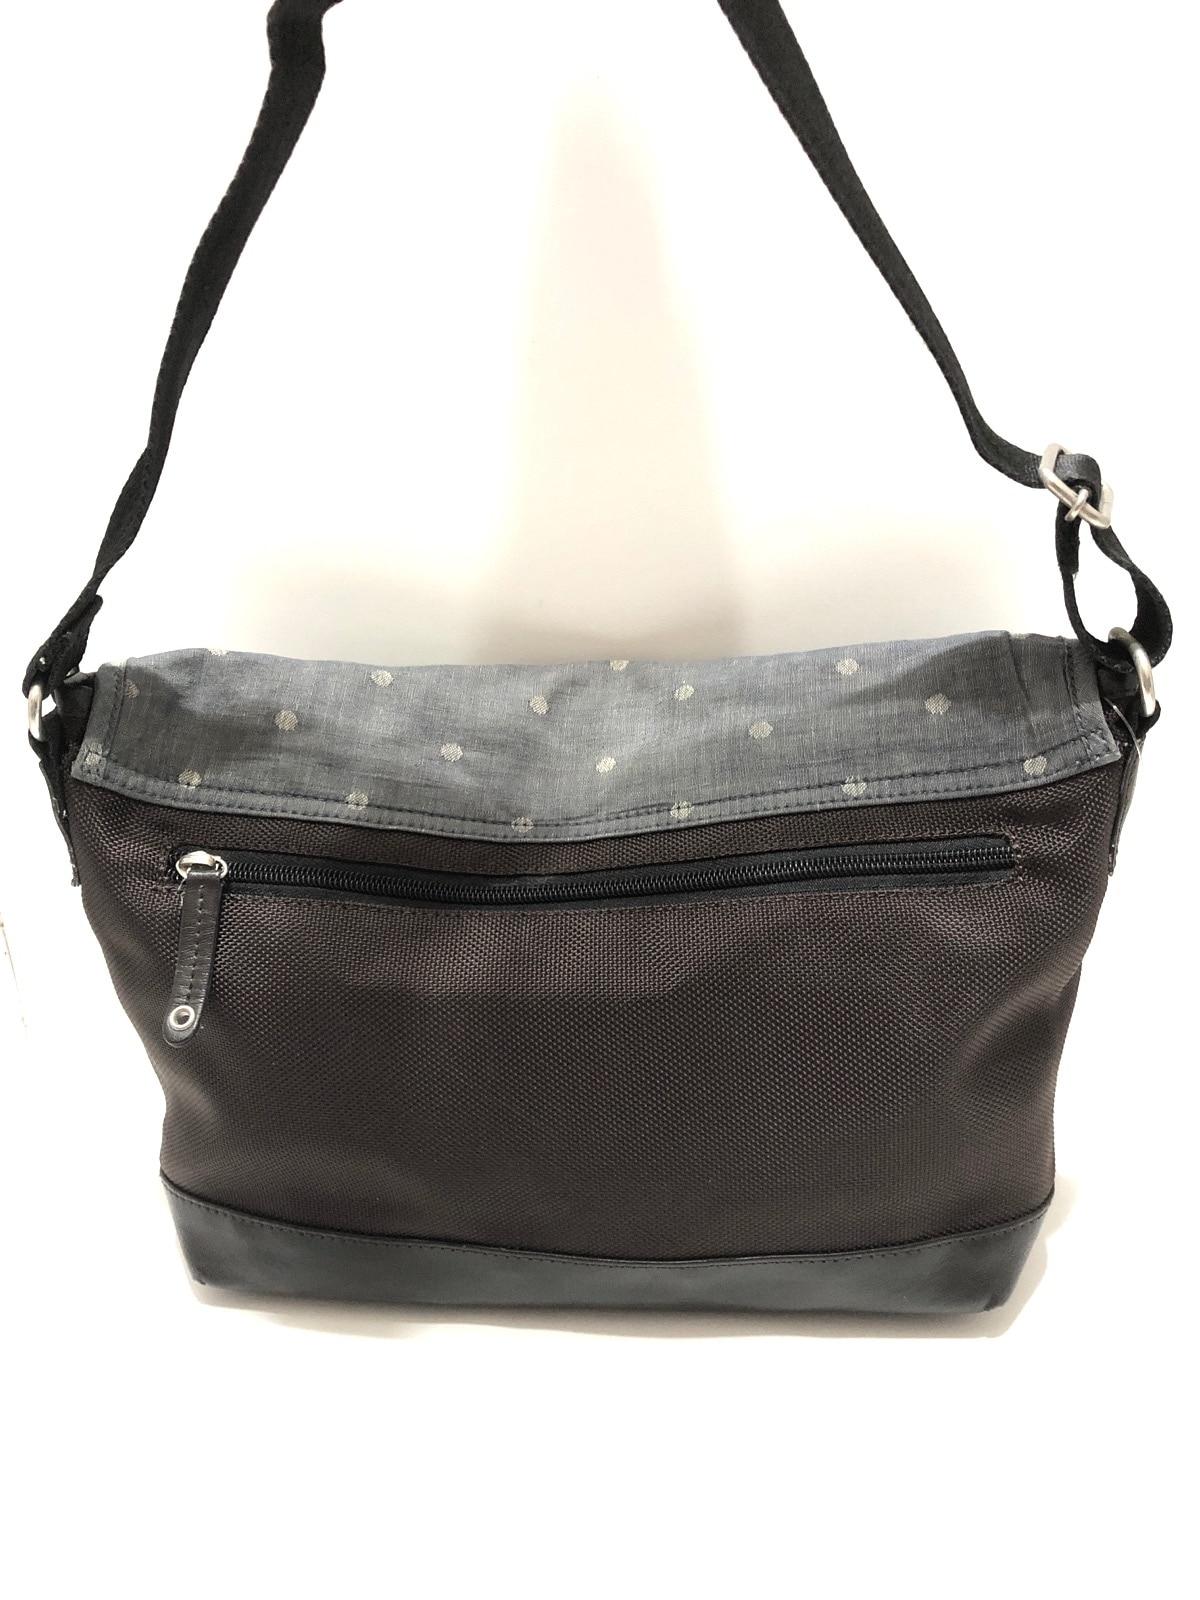 TK (TAKEOKIKUCHI)(ティーケータケオキクチ)のショルダーバッグ